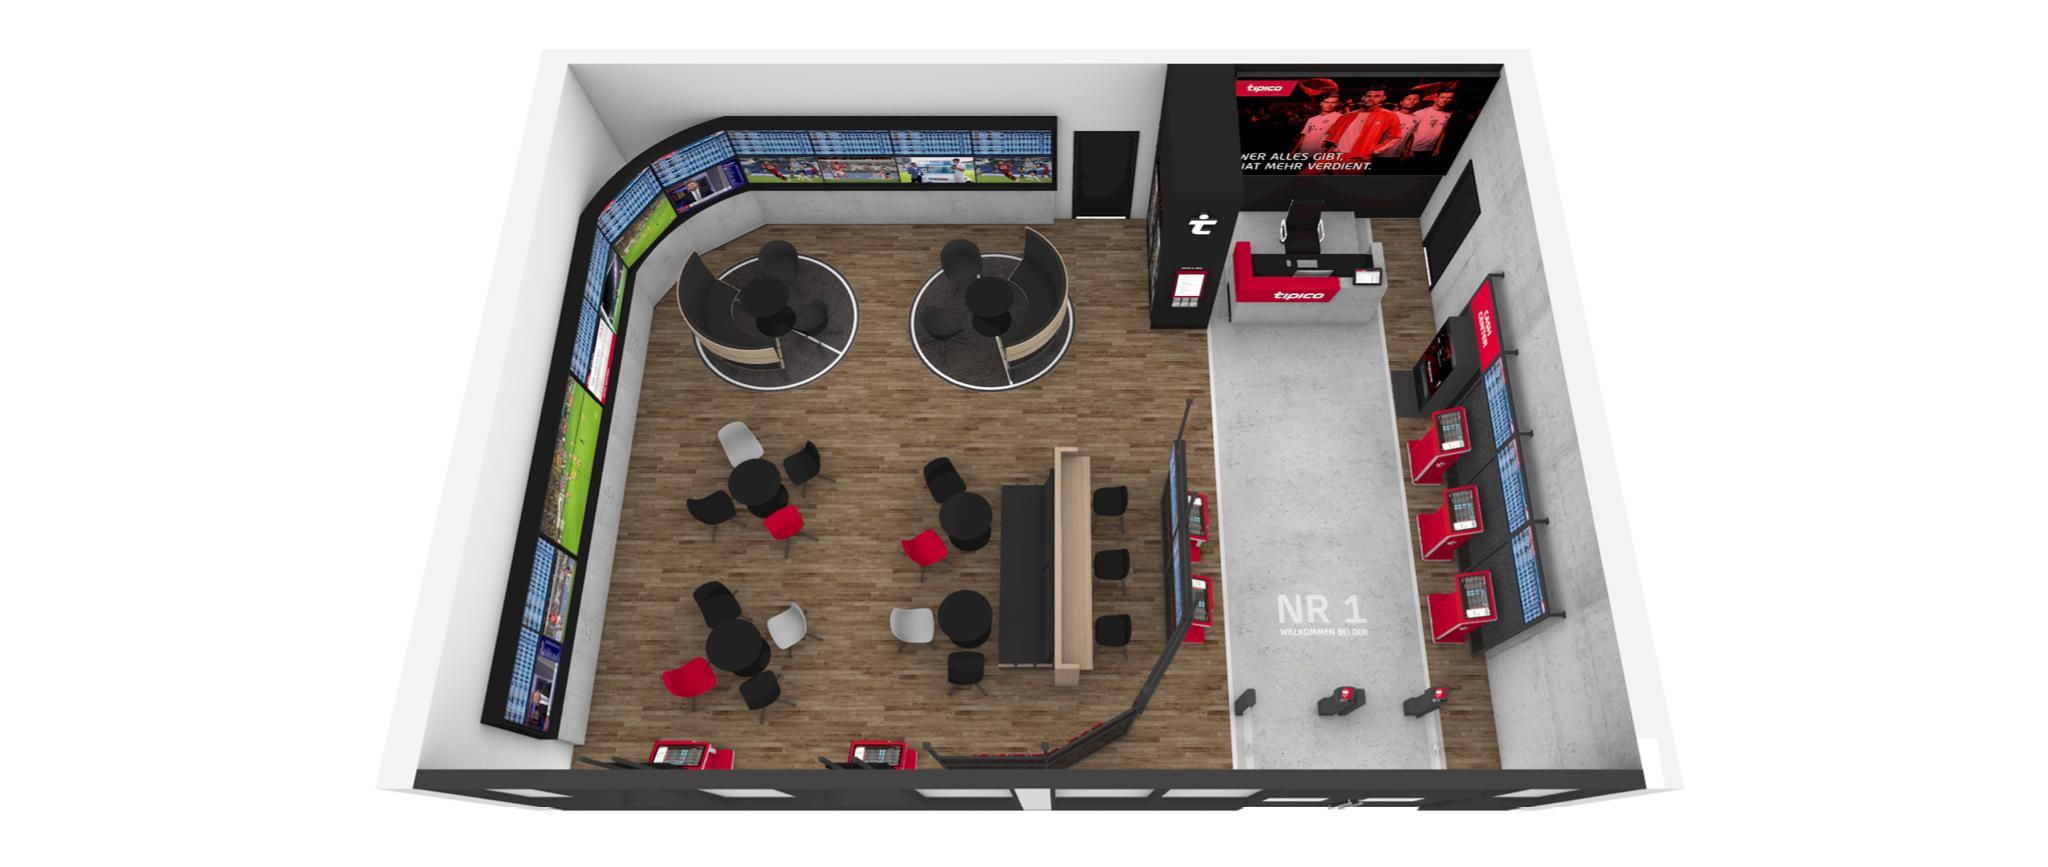 Tipico Shopkonzept 2.0: Raumaufteilung